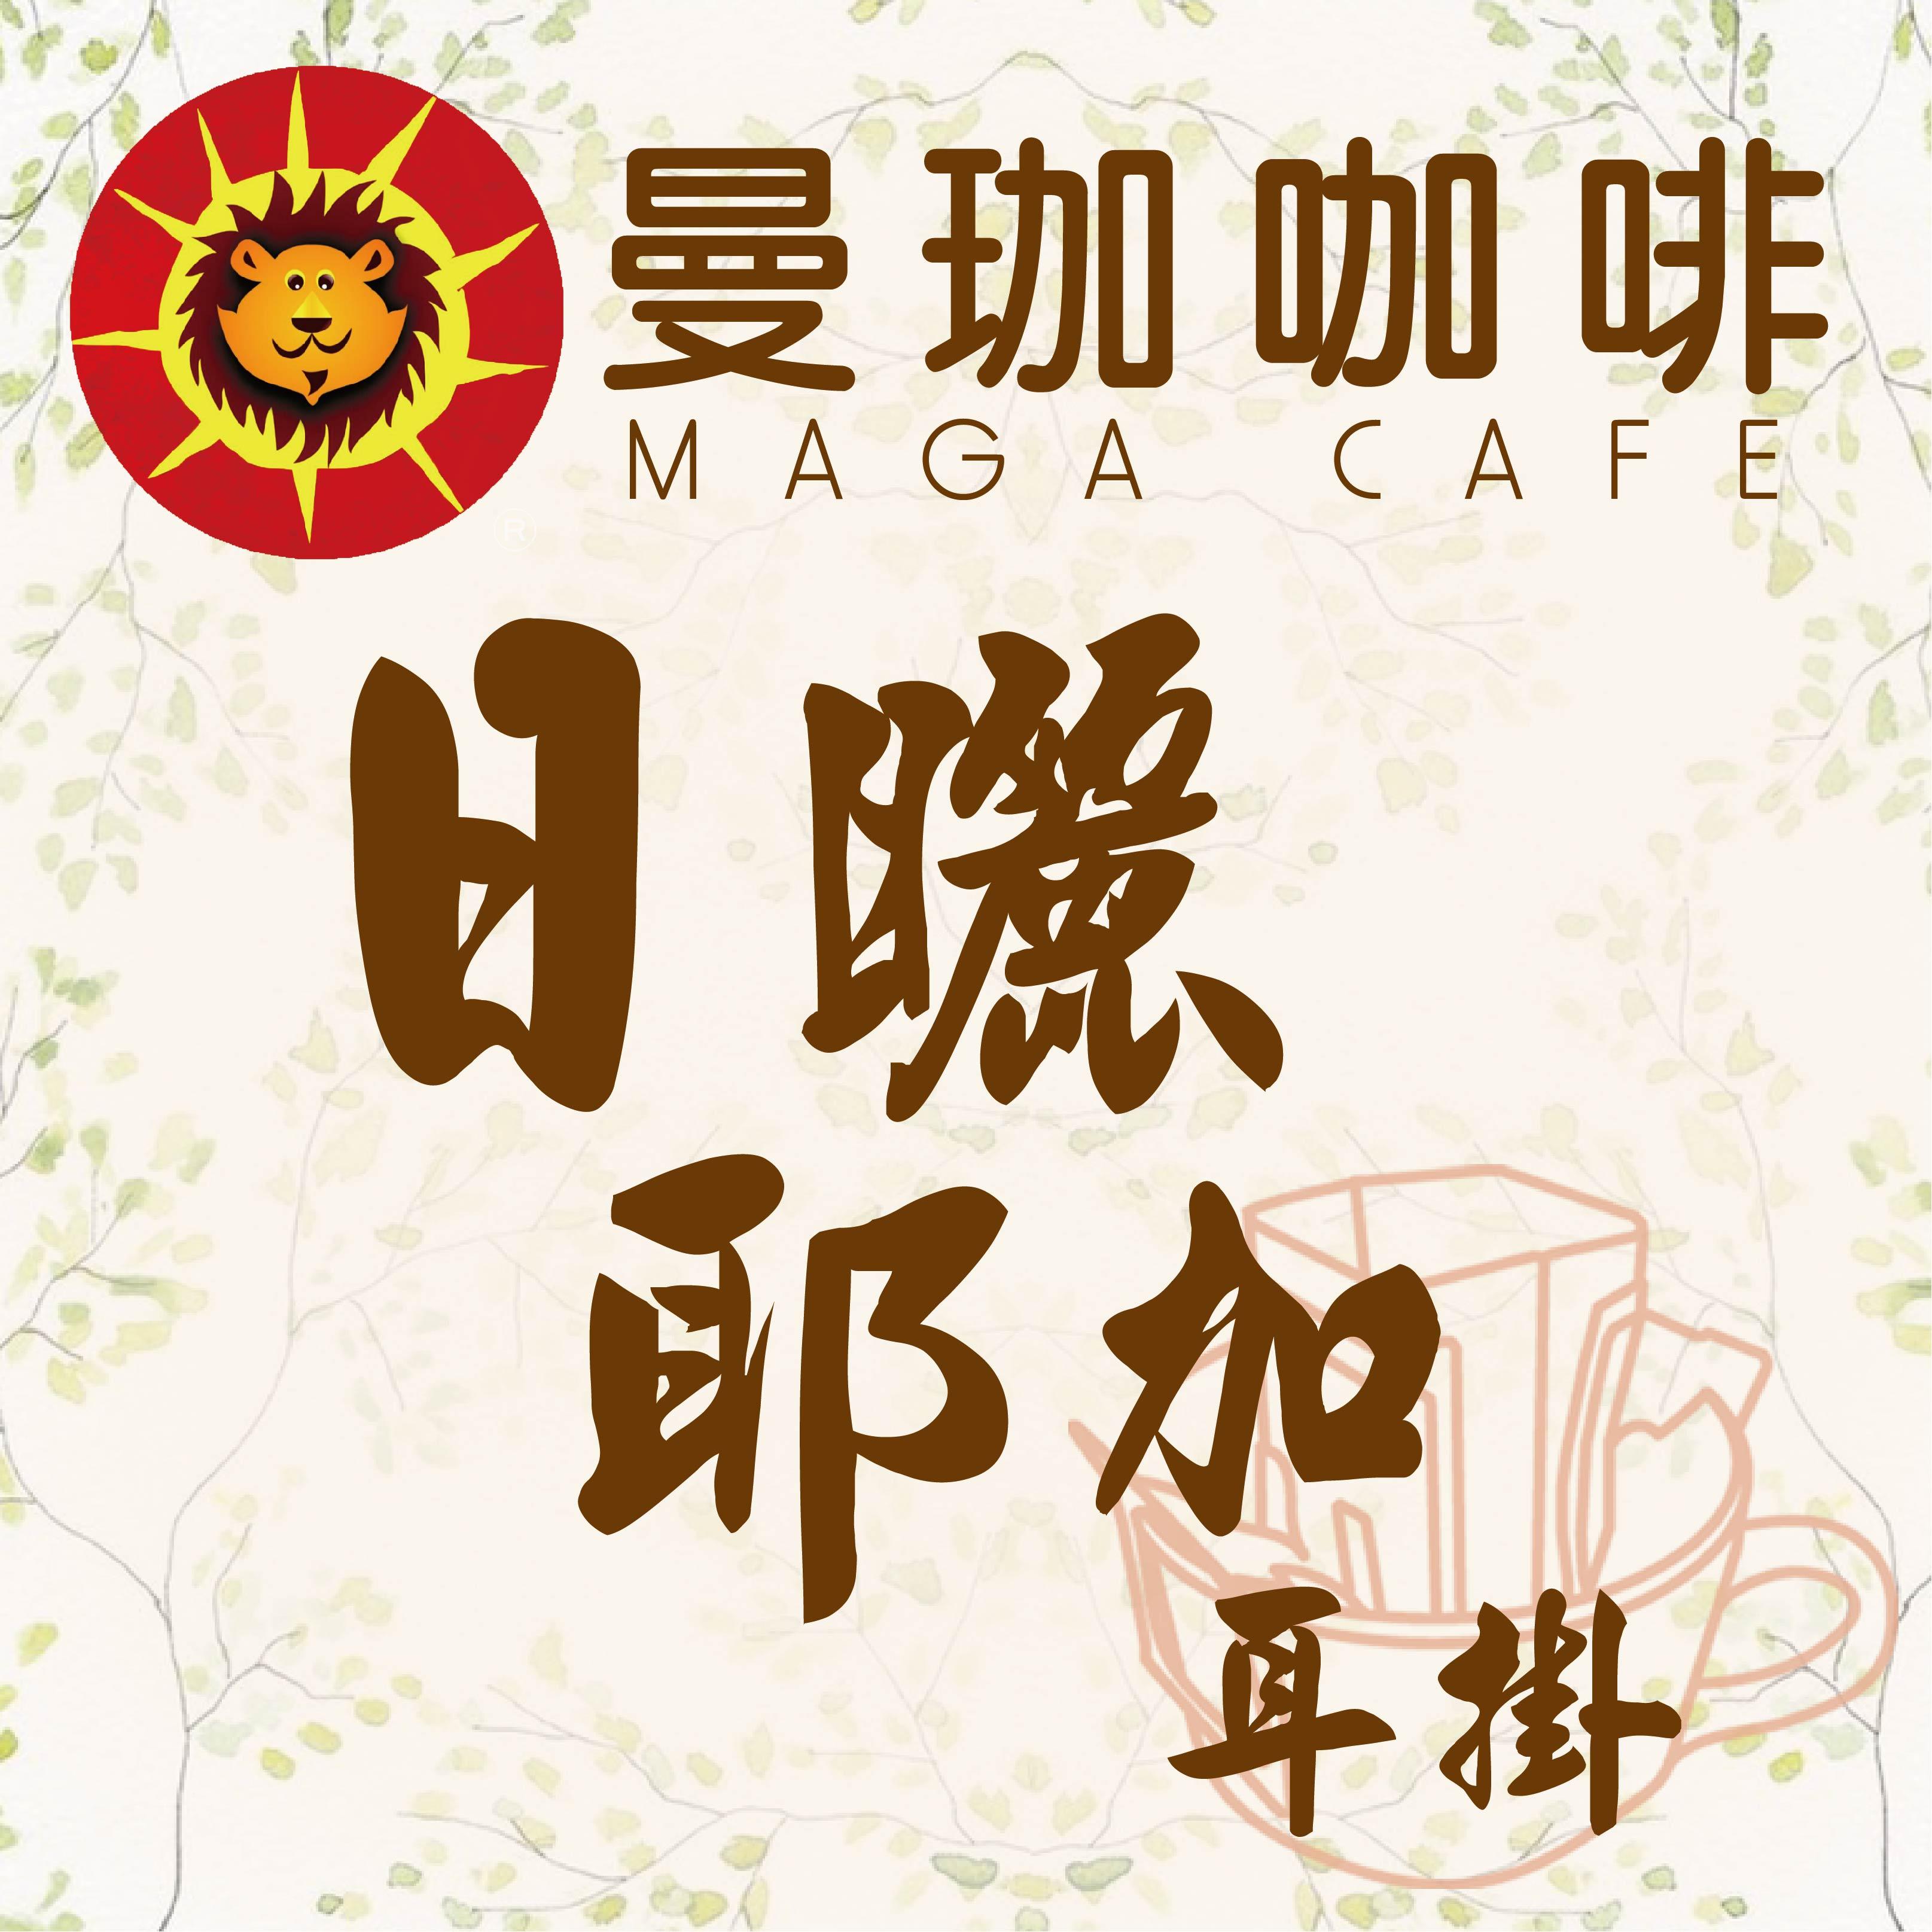 【曼珈咖啡】日曬耶加雪菲 甜蜜科卡 G1 淺烘焙 新鮮濾掛/耳掛精品咖啡(每盒10入)